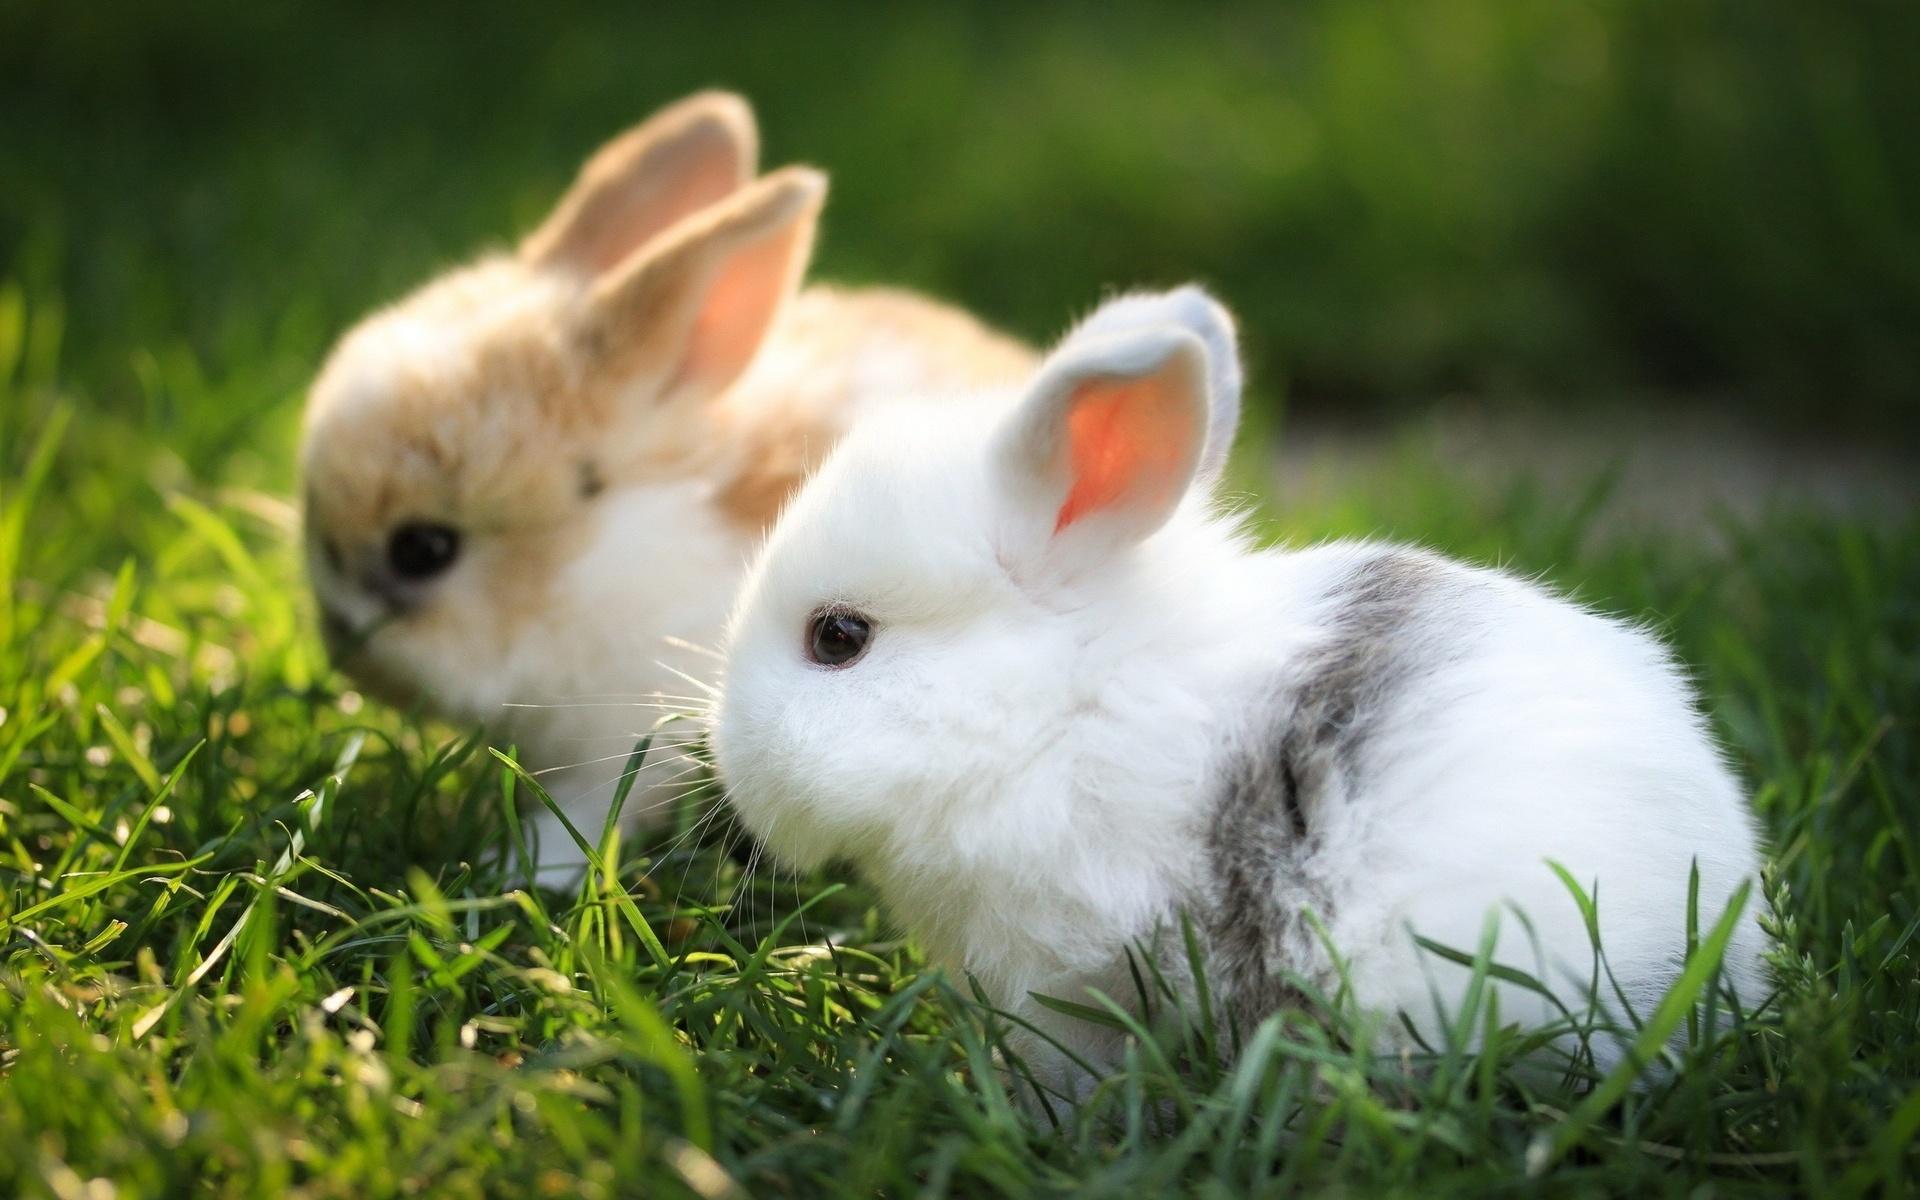 красивые кролики картинки на весь экран начала